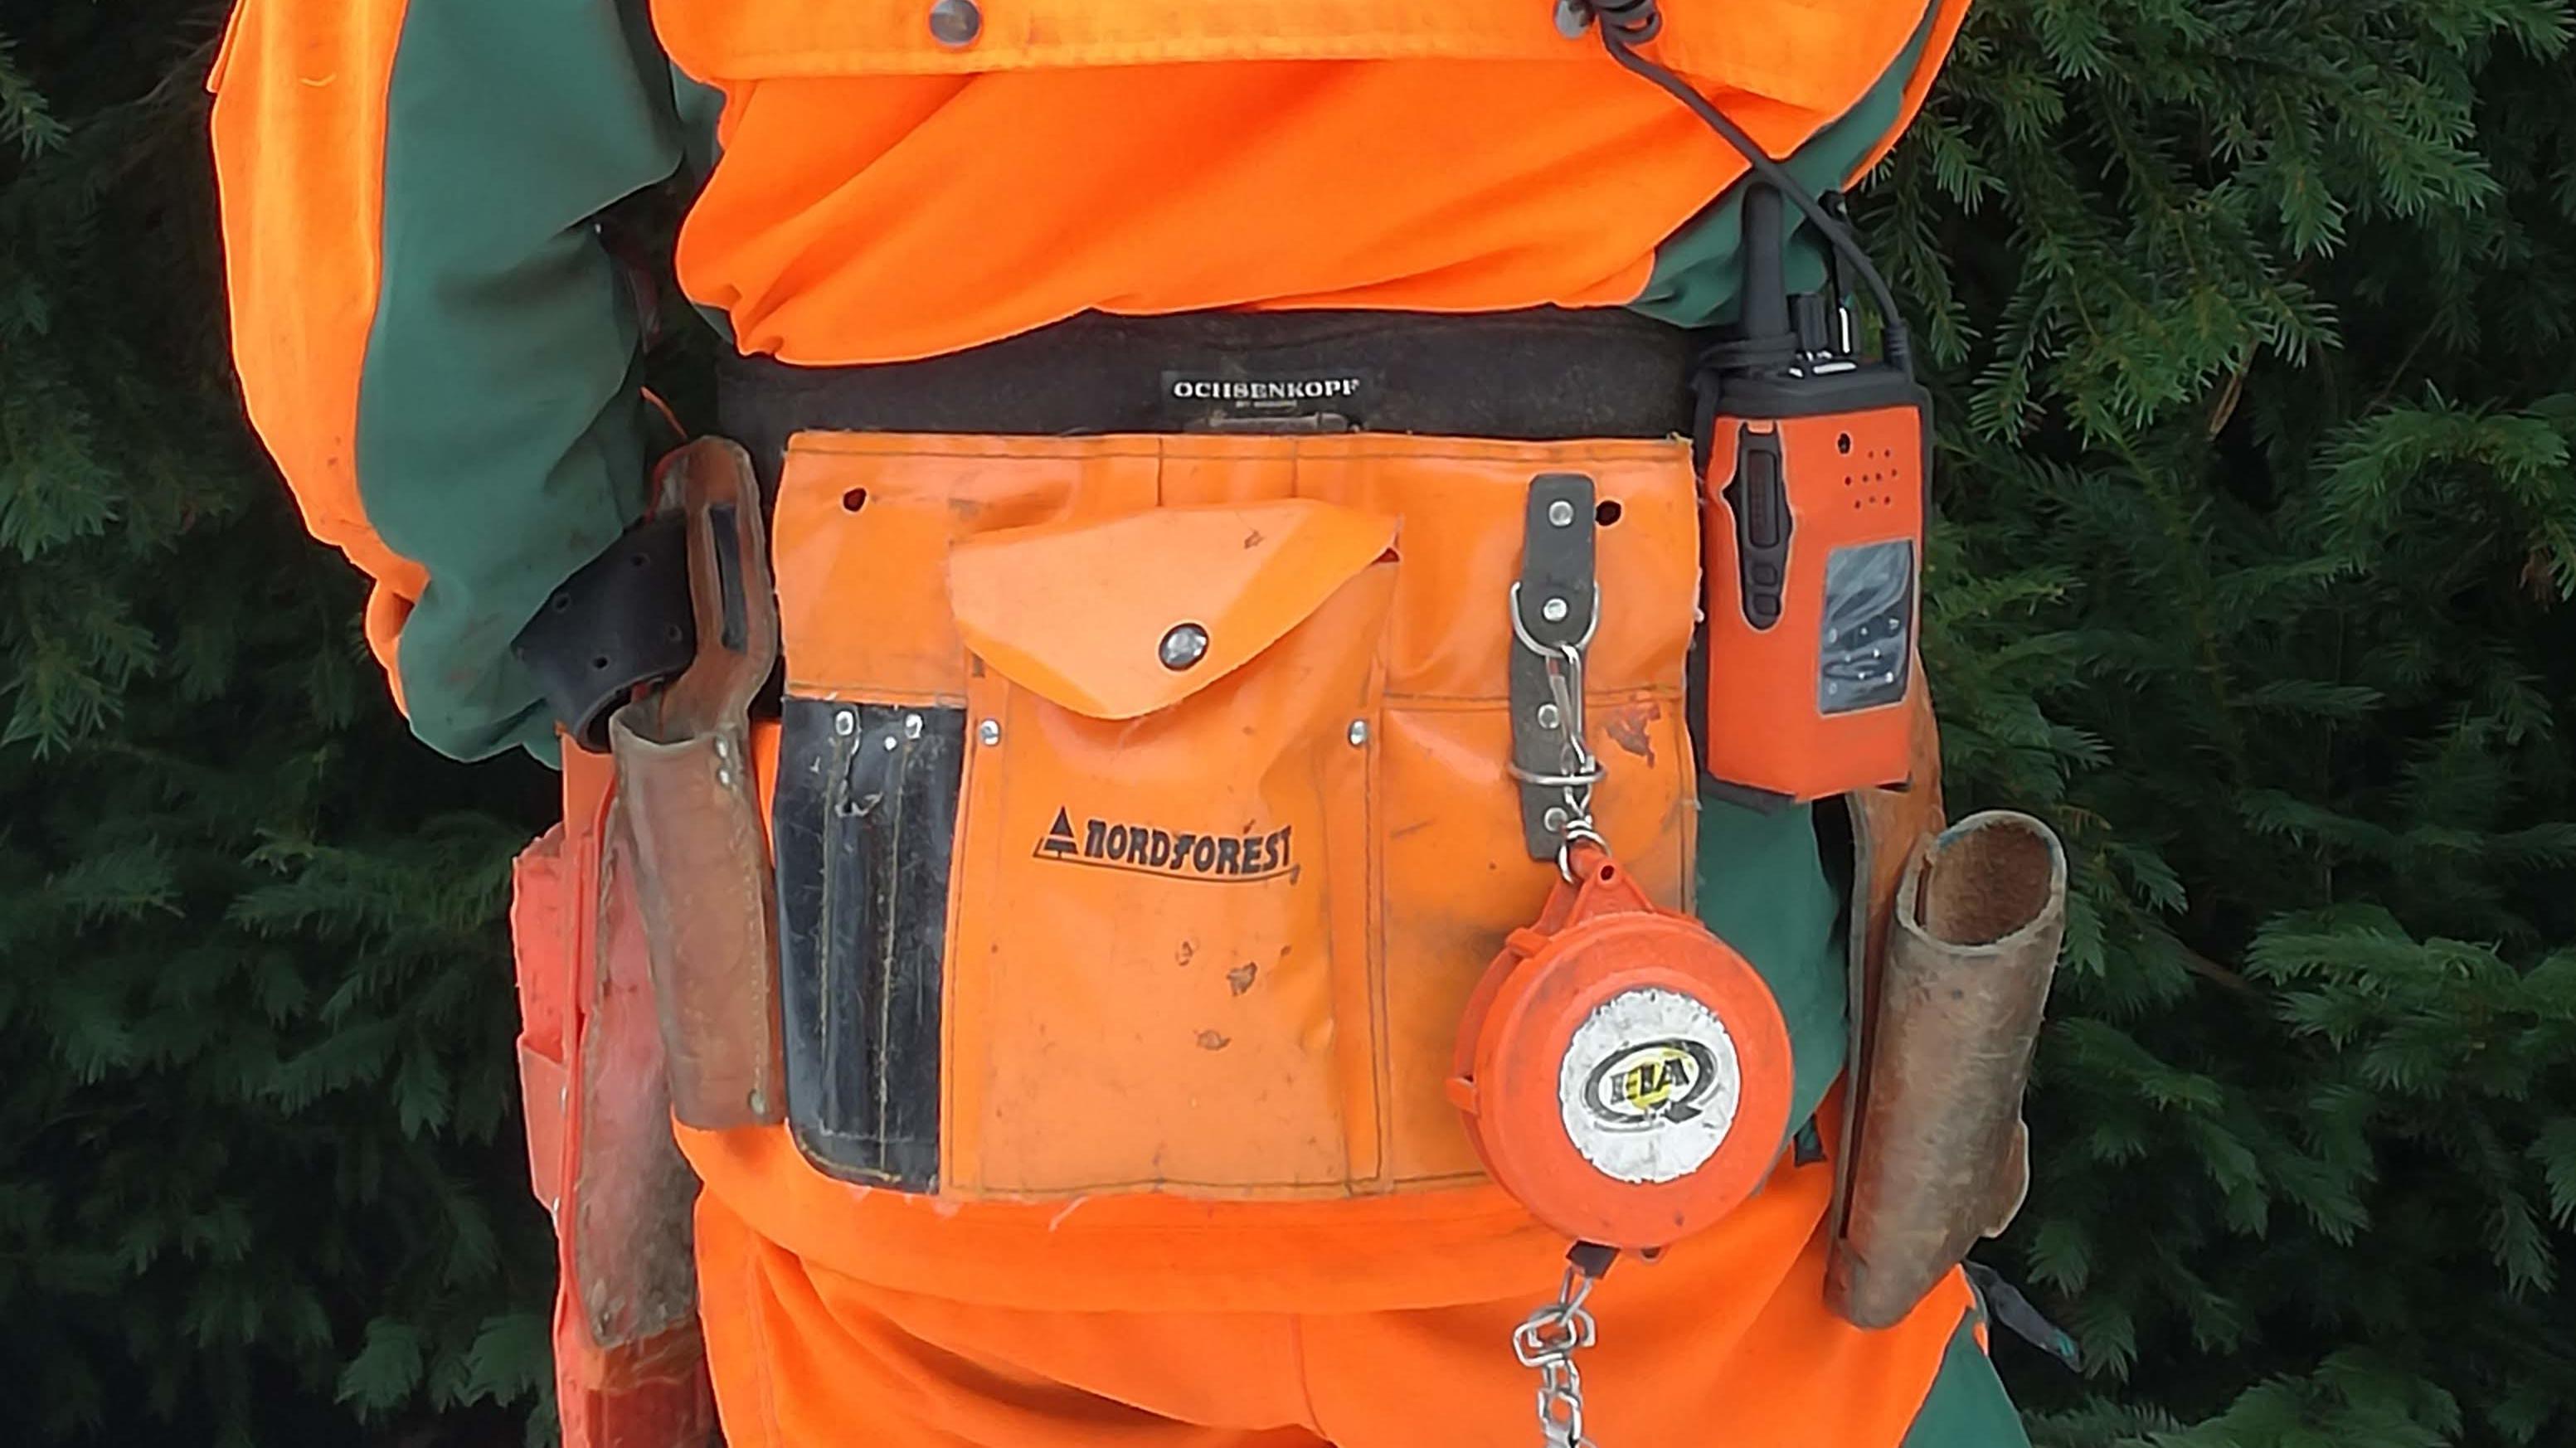 Waldarbeiter mit neuem Spezialfunkgerät